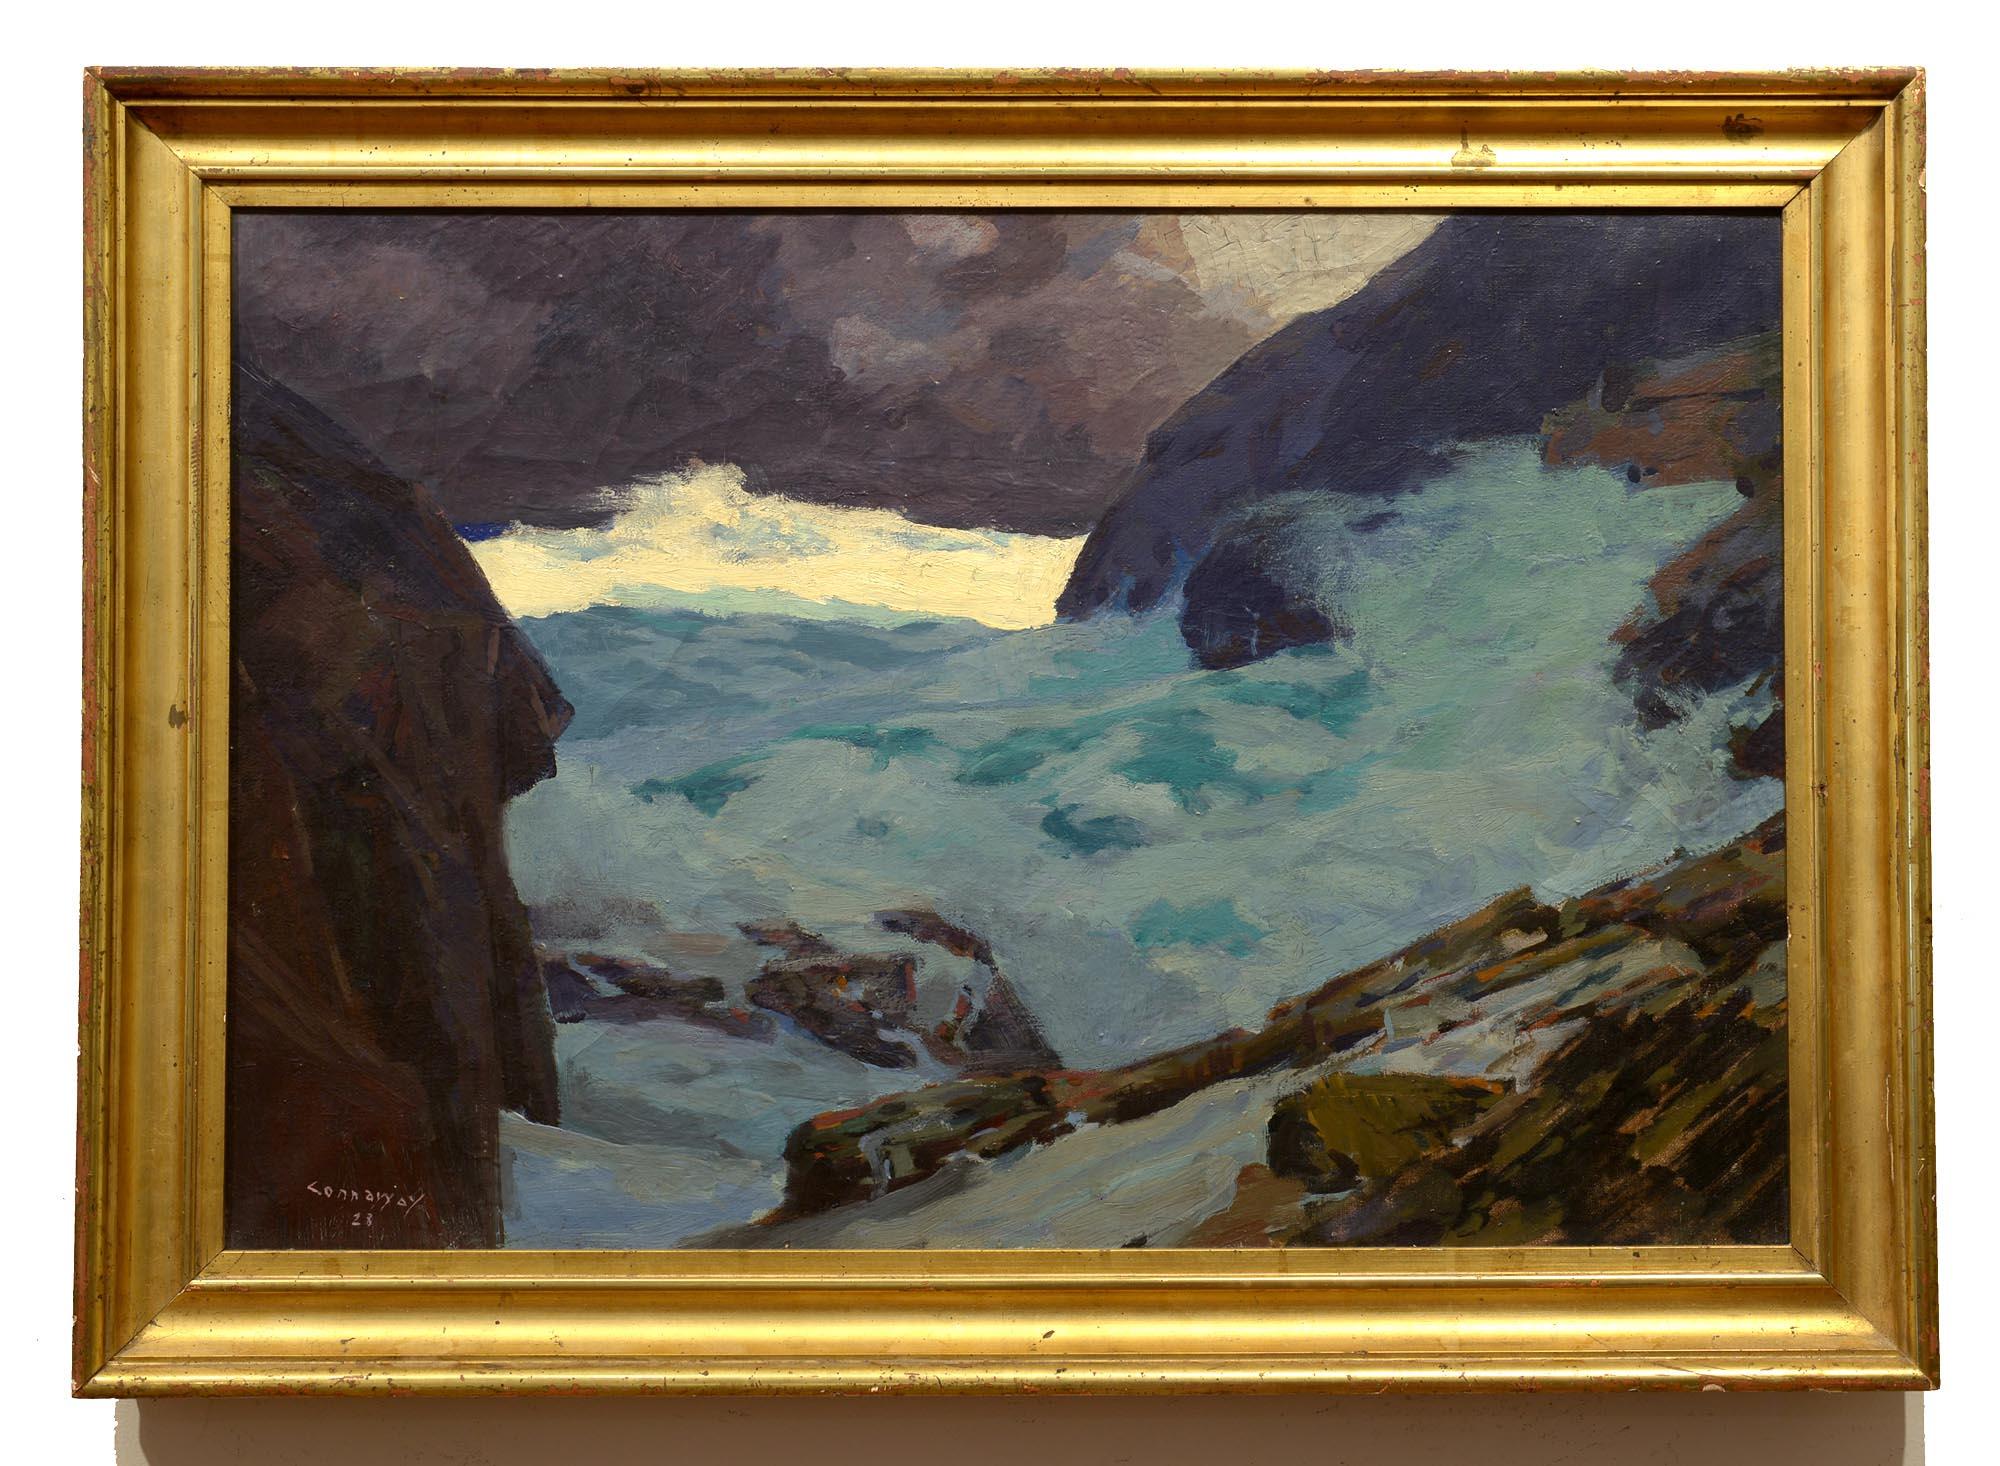 Jay Hall Connaway Beneath the Headlands, 1928 framed